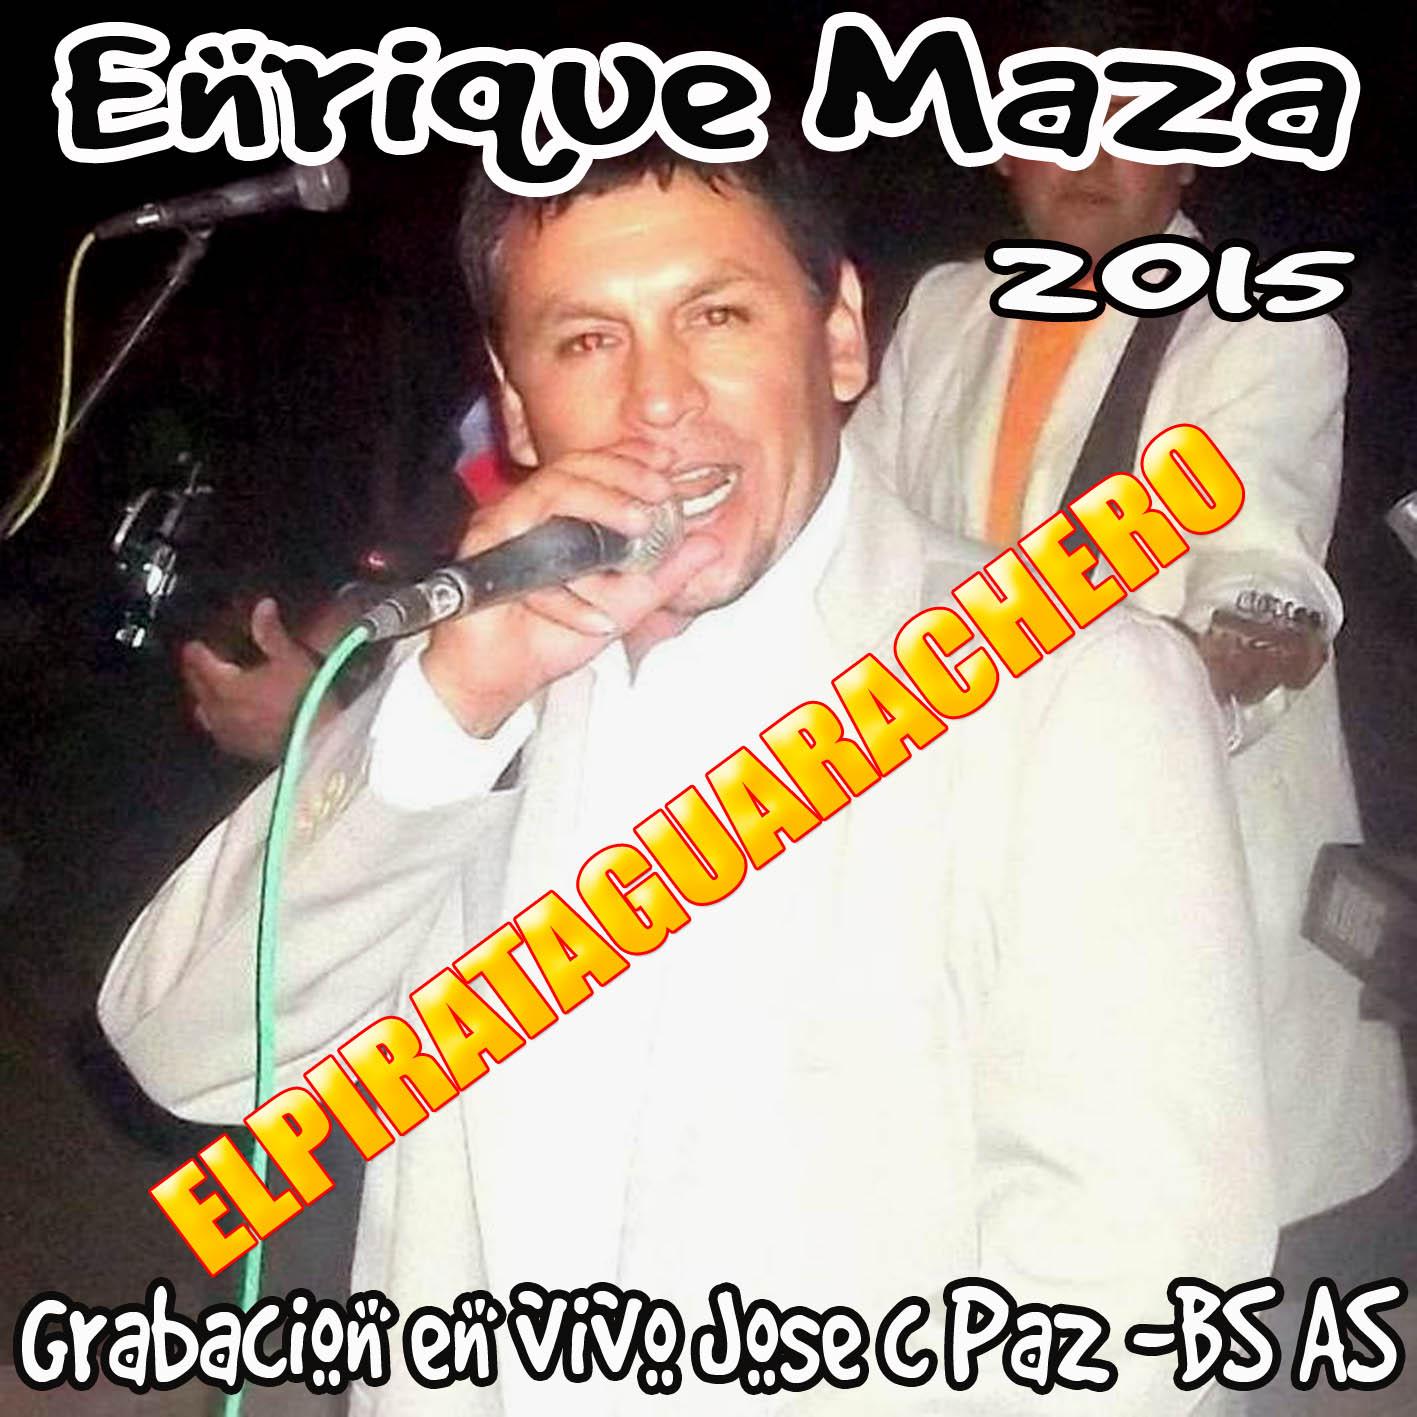 Enrique Maza Grabacion En